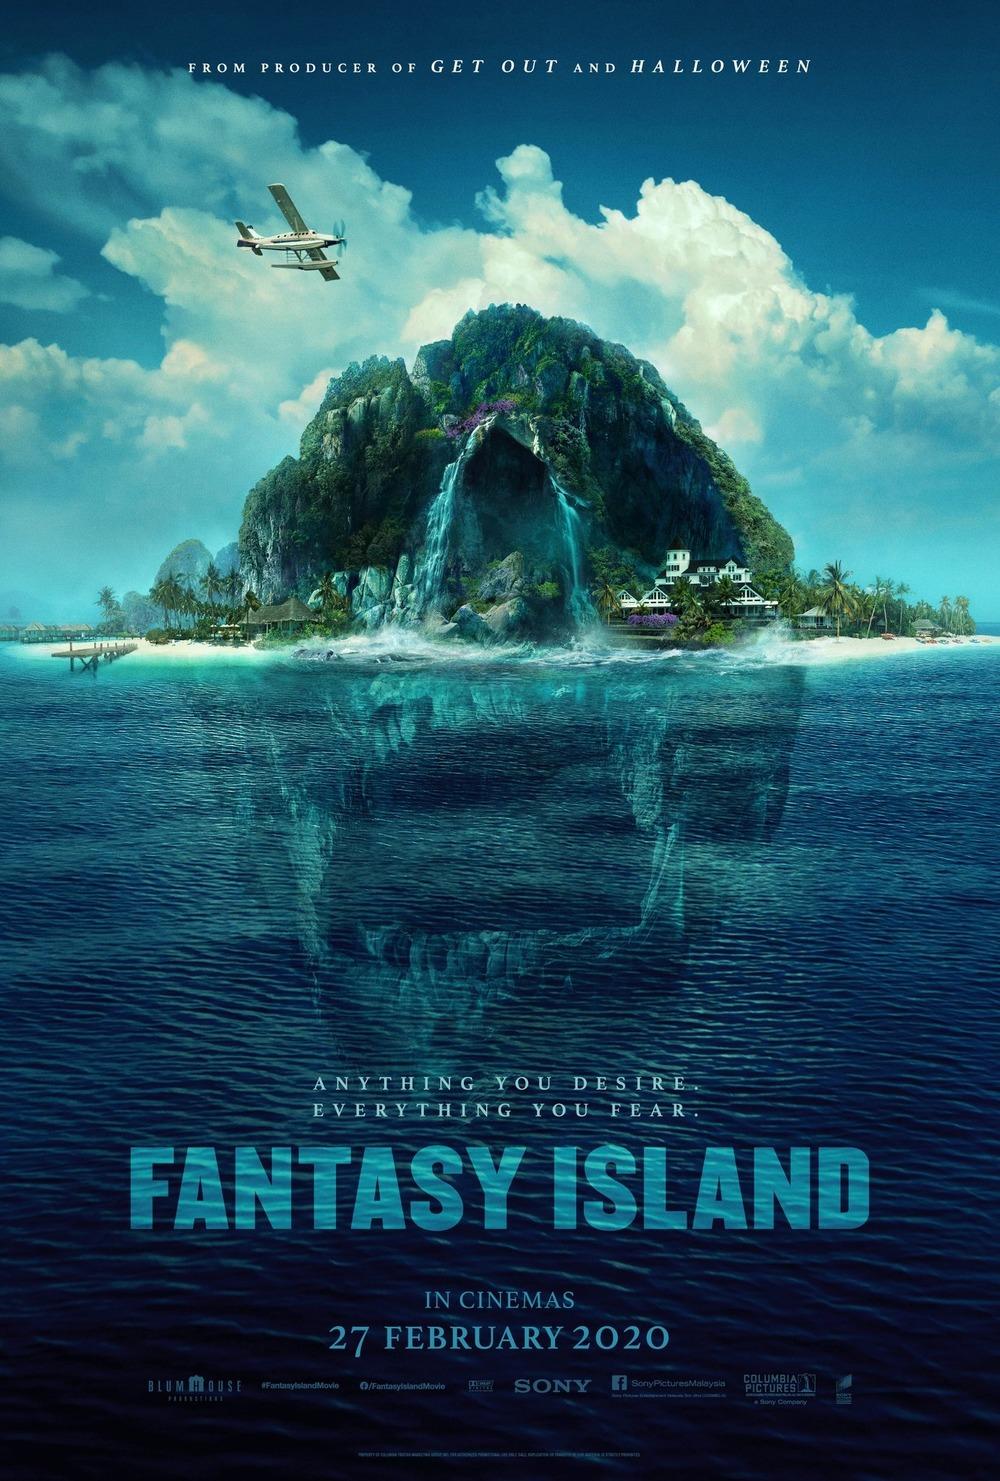 Halloween 2020 At Redbox Fantasy Island DVD Release Date | Redbox, Netflix, iTunes, Amazon